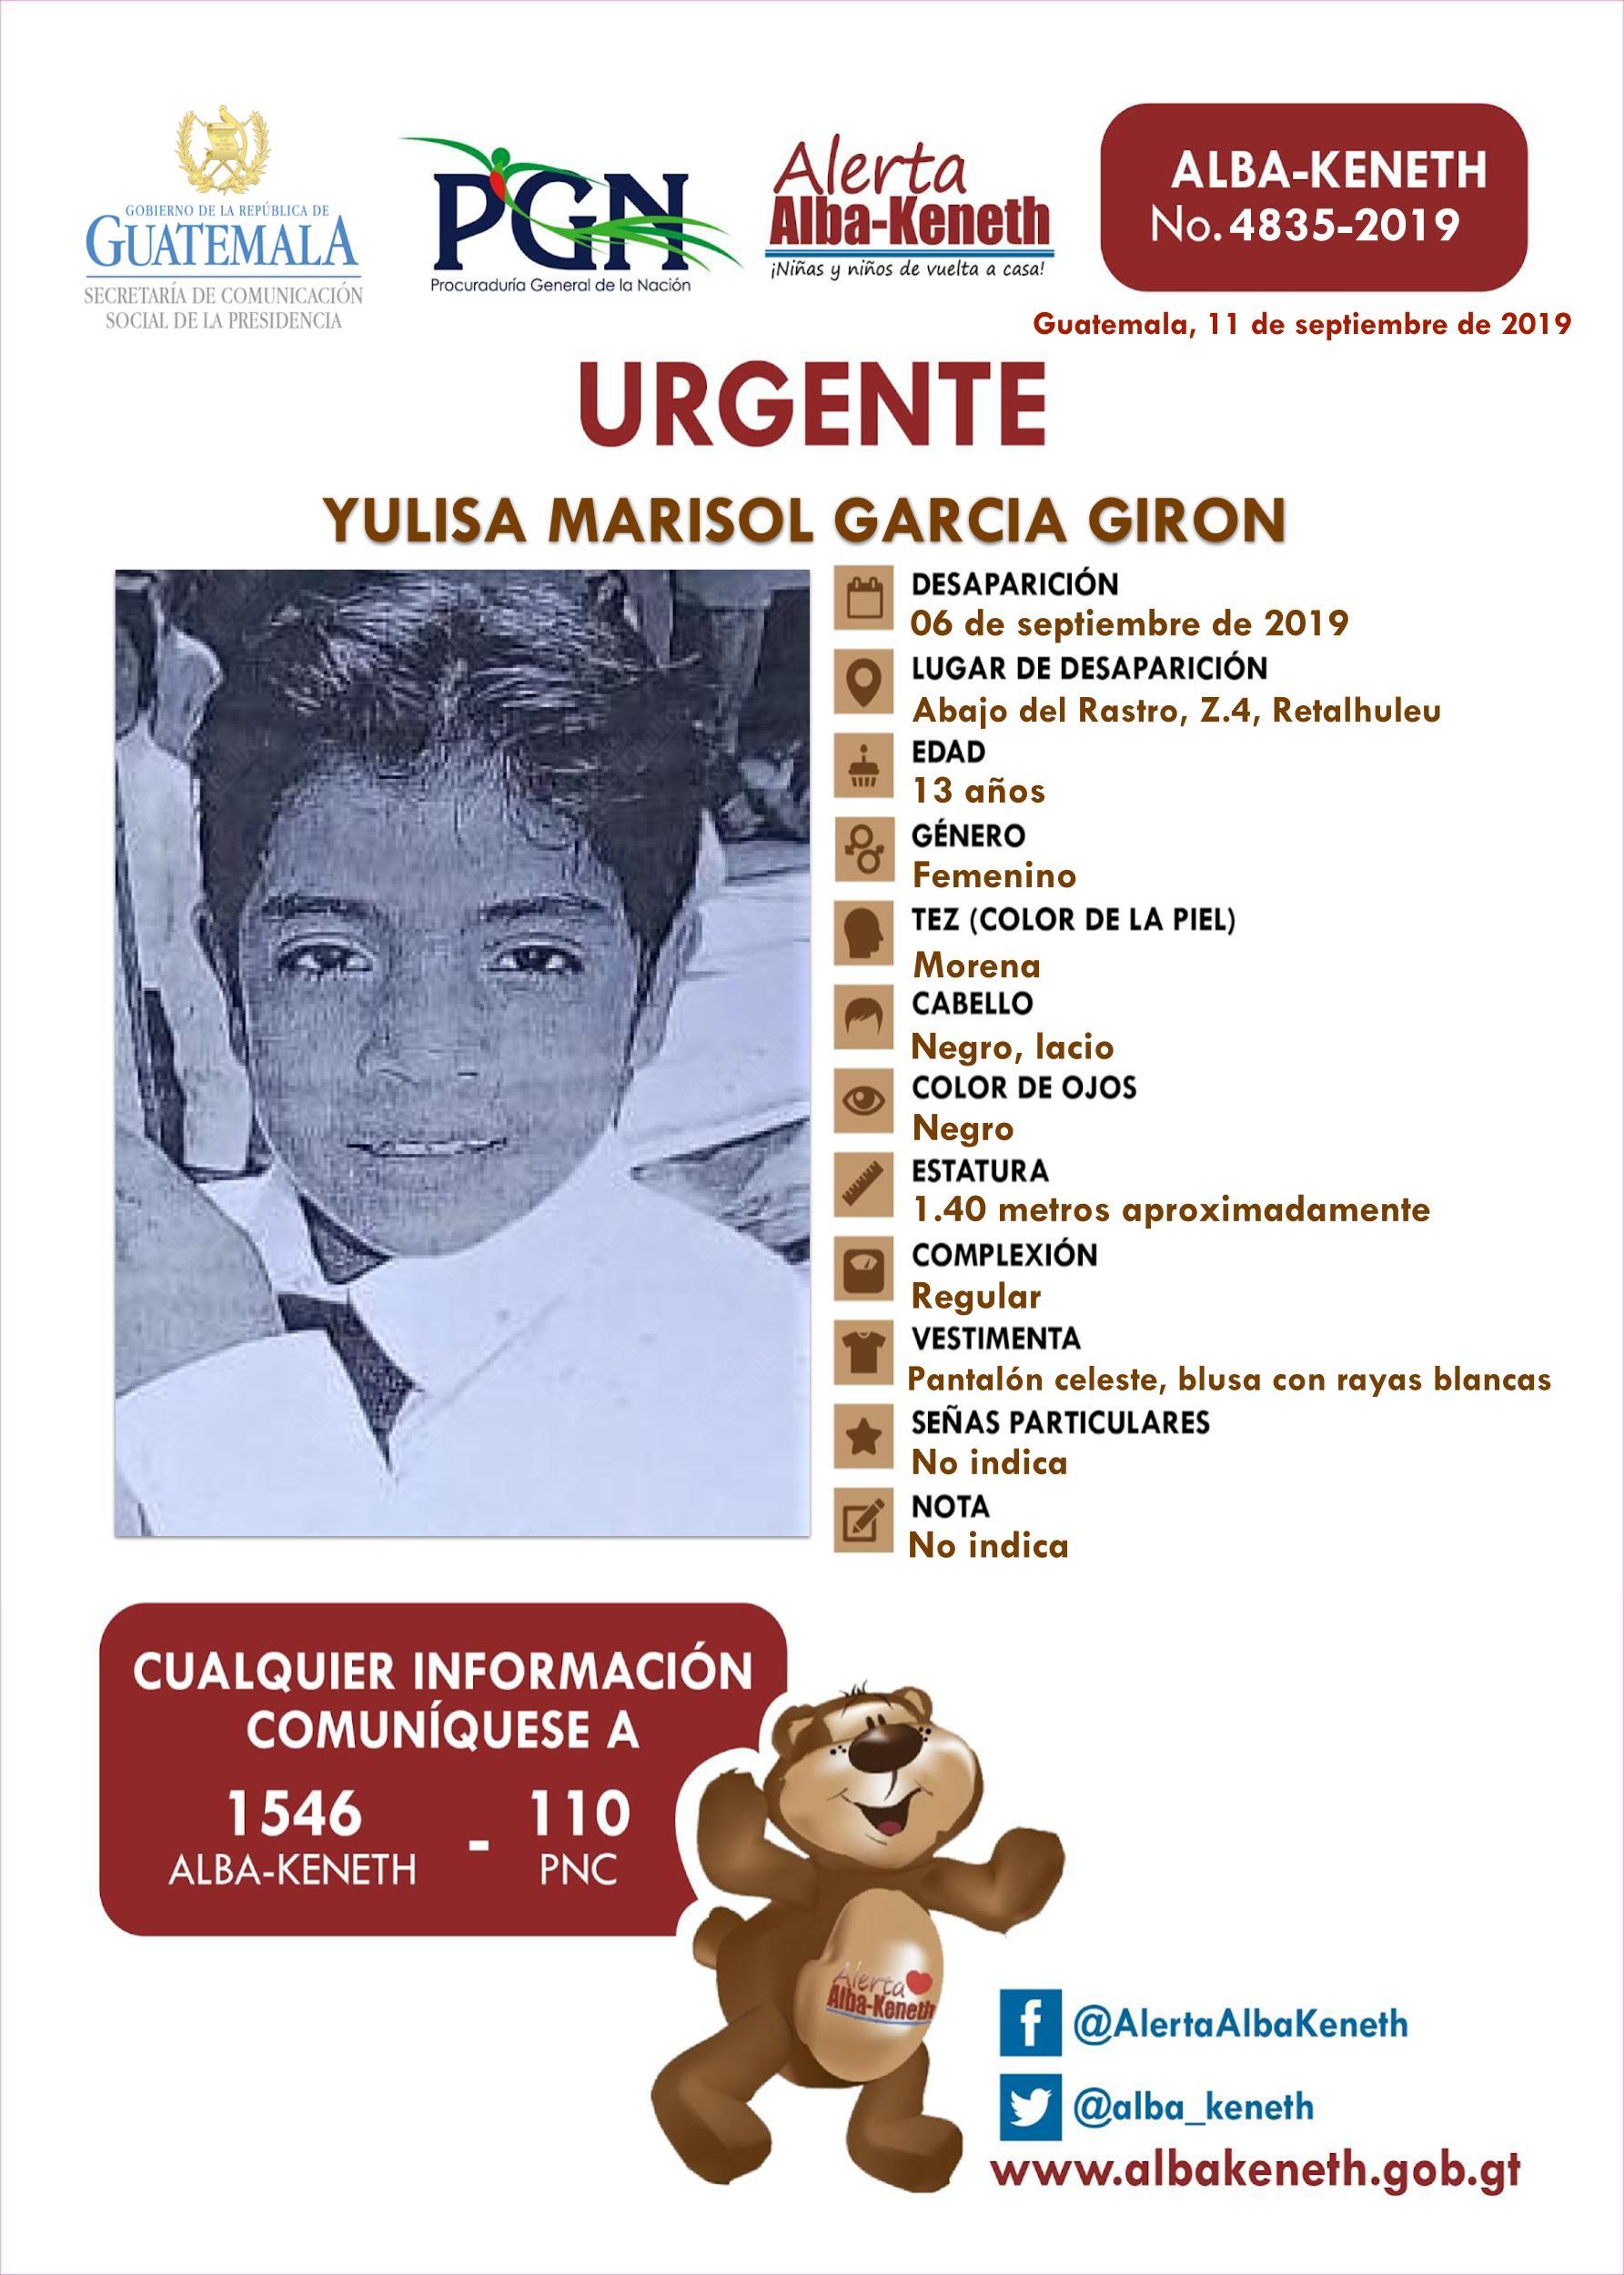 Yulisa Marisol Garcia Giron